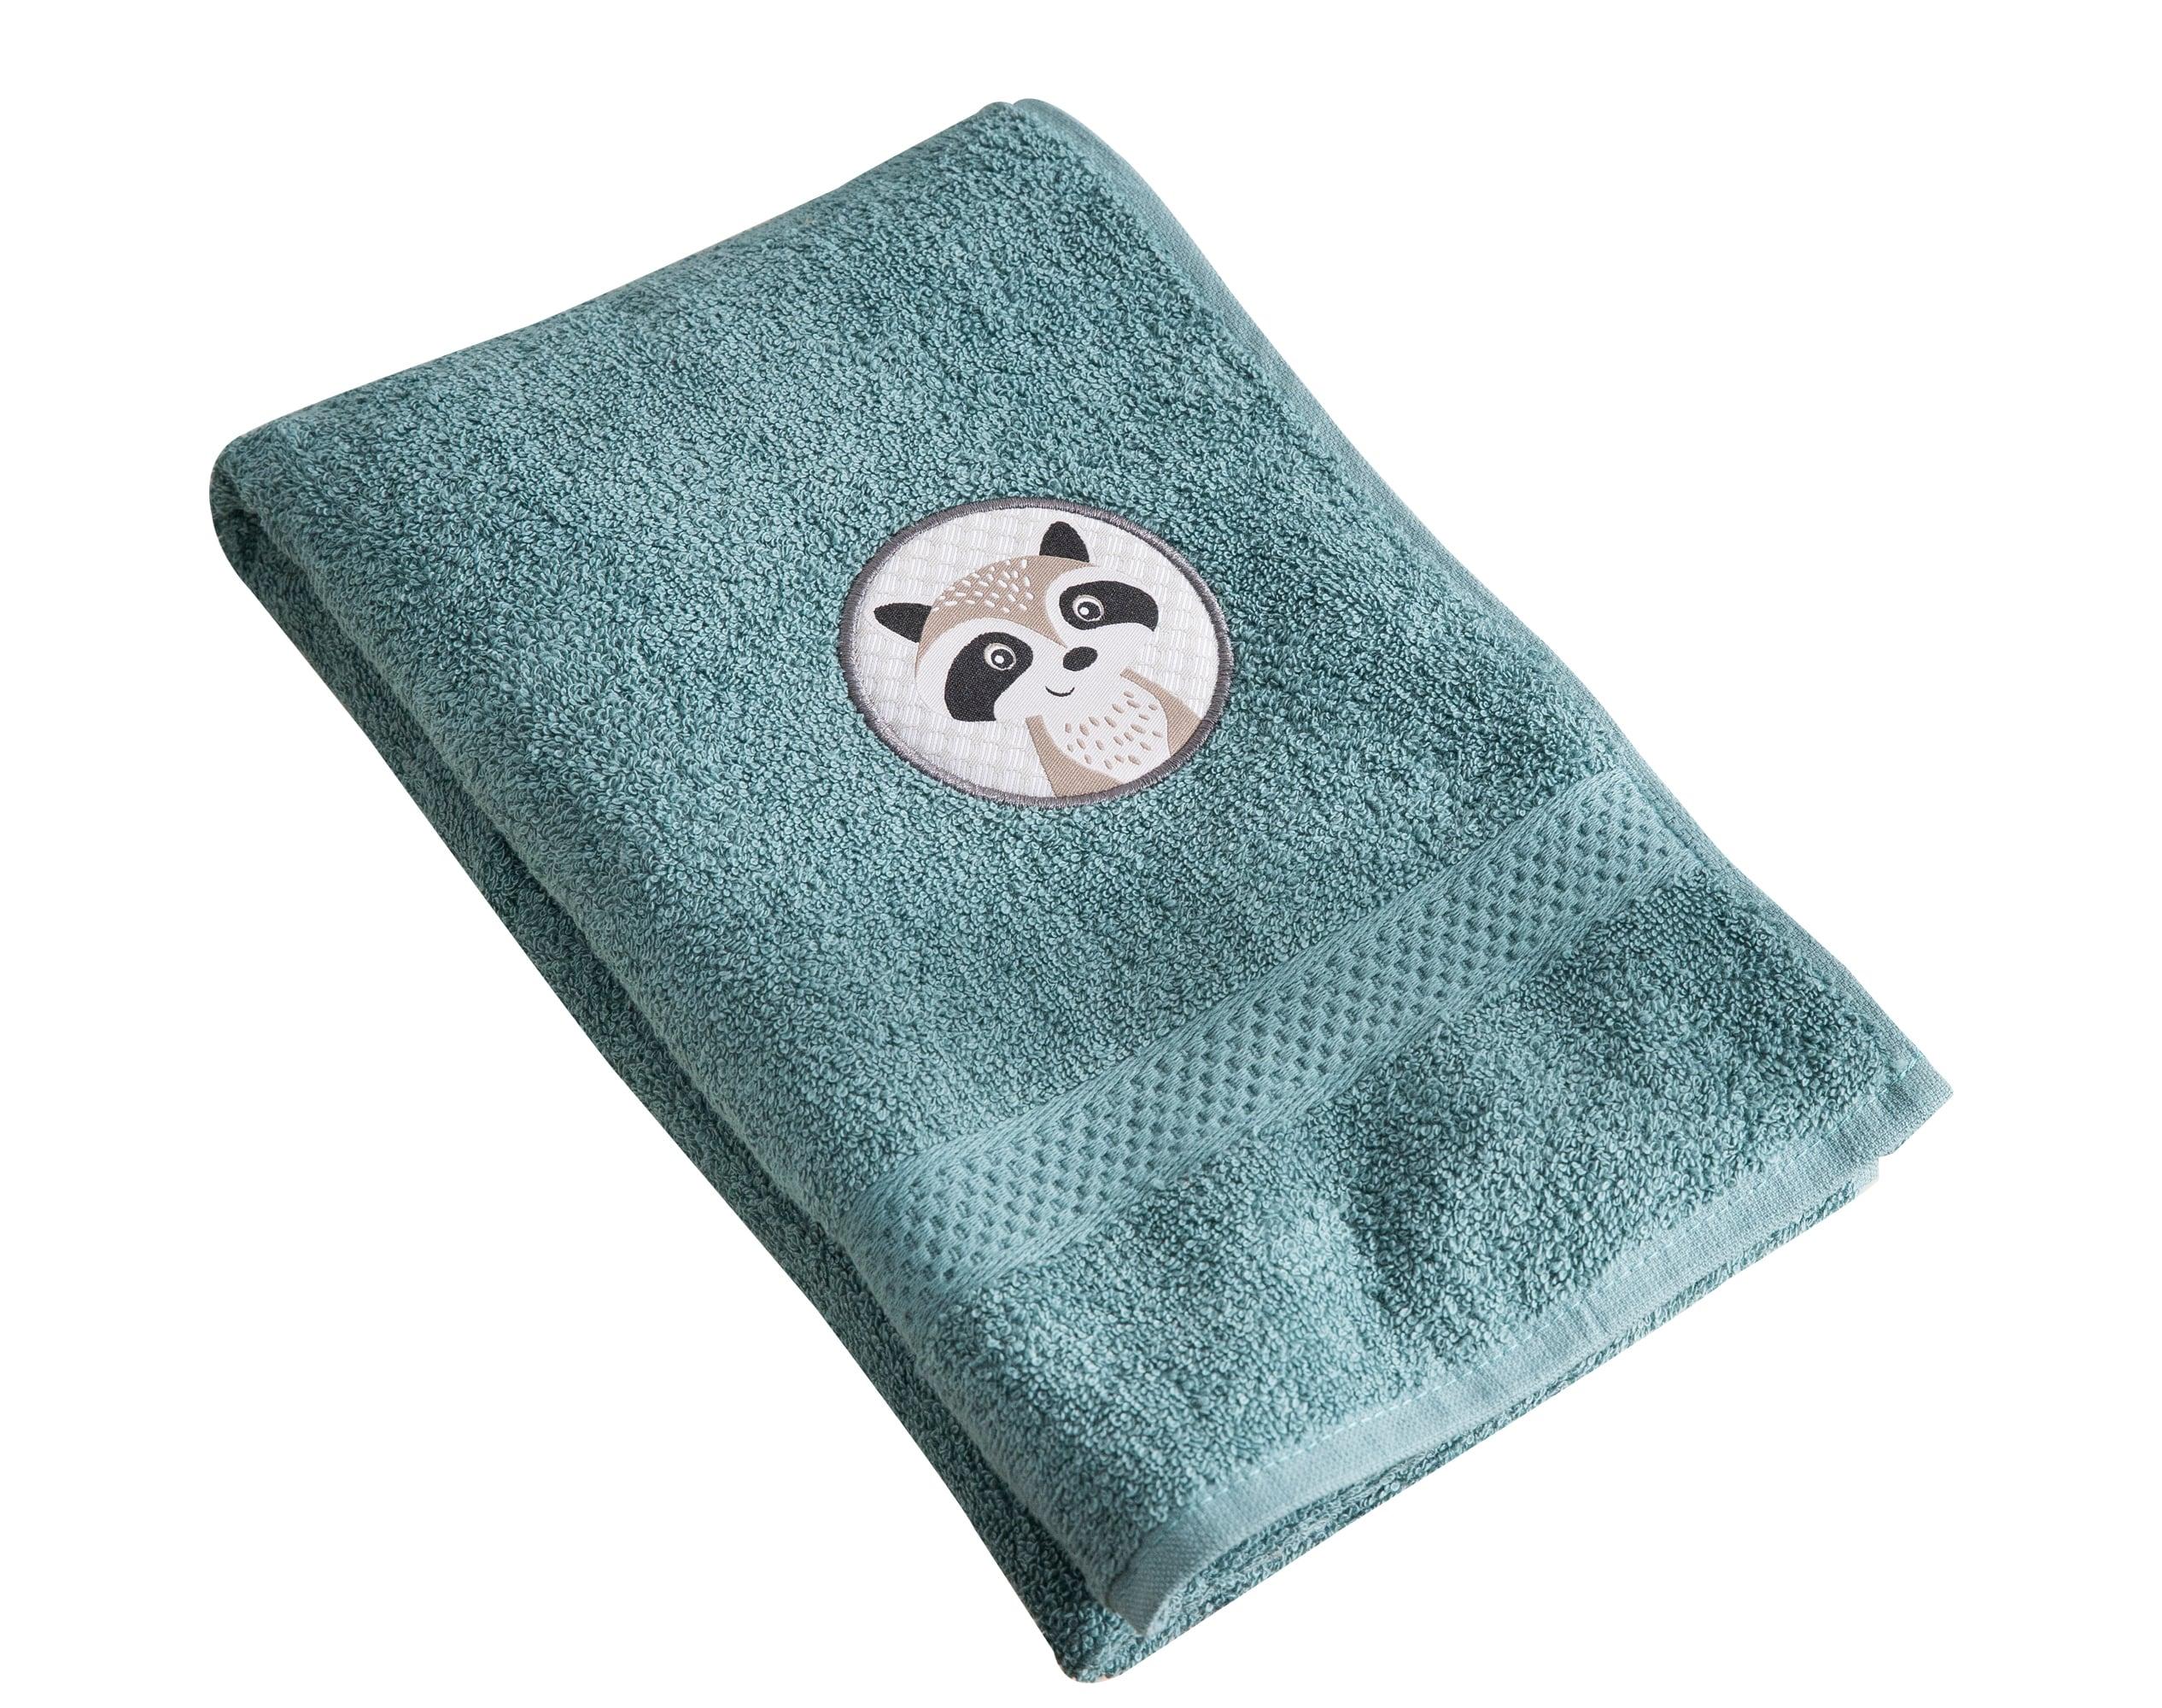 Serviette de bain enfant bleu 70x130 en coton